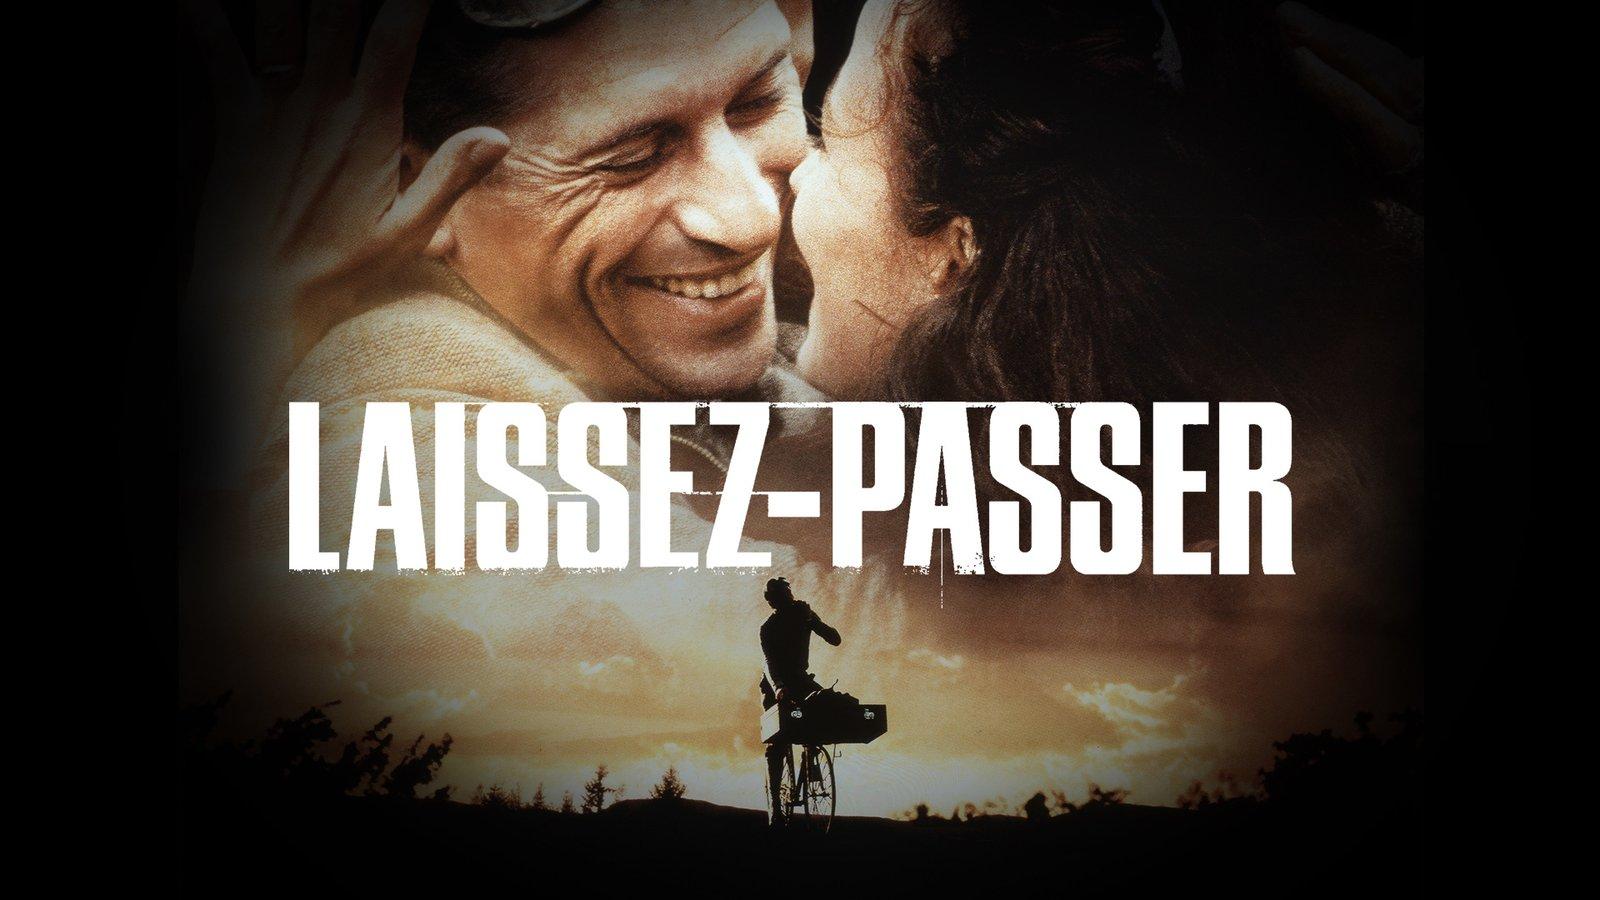 Laissez-passer - Safe Conduct